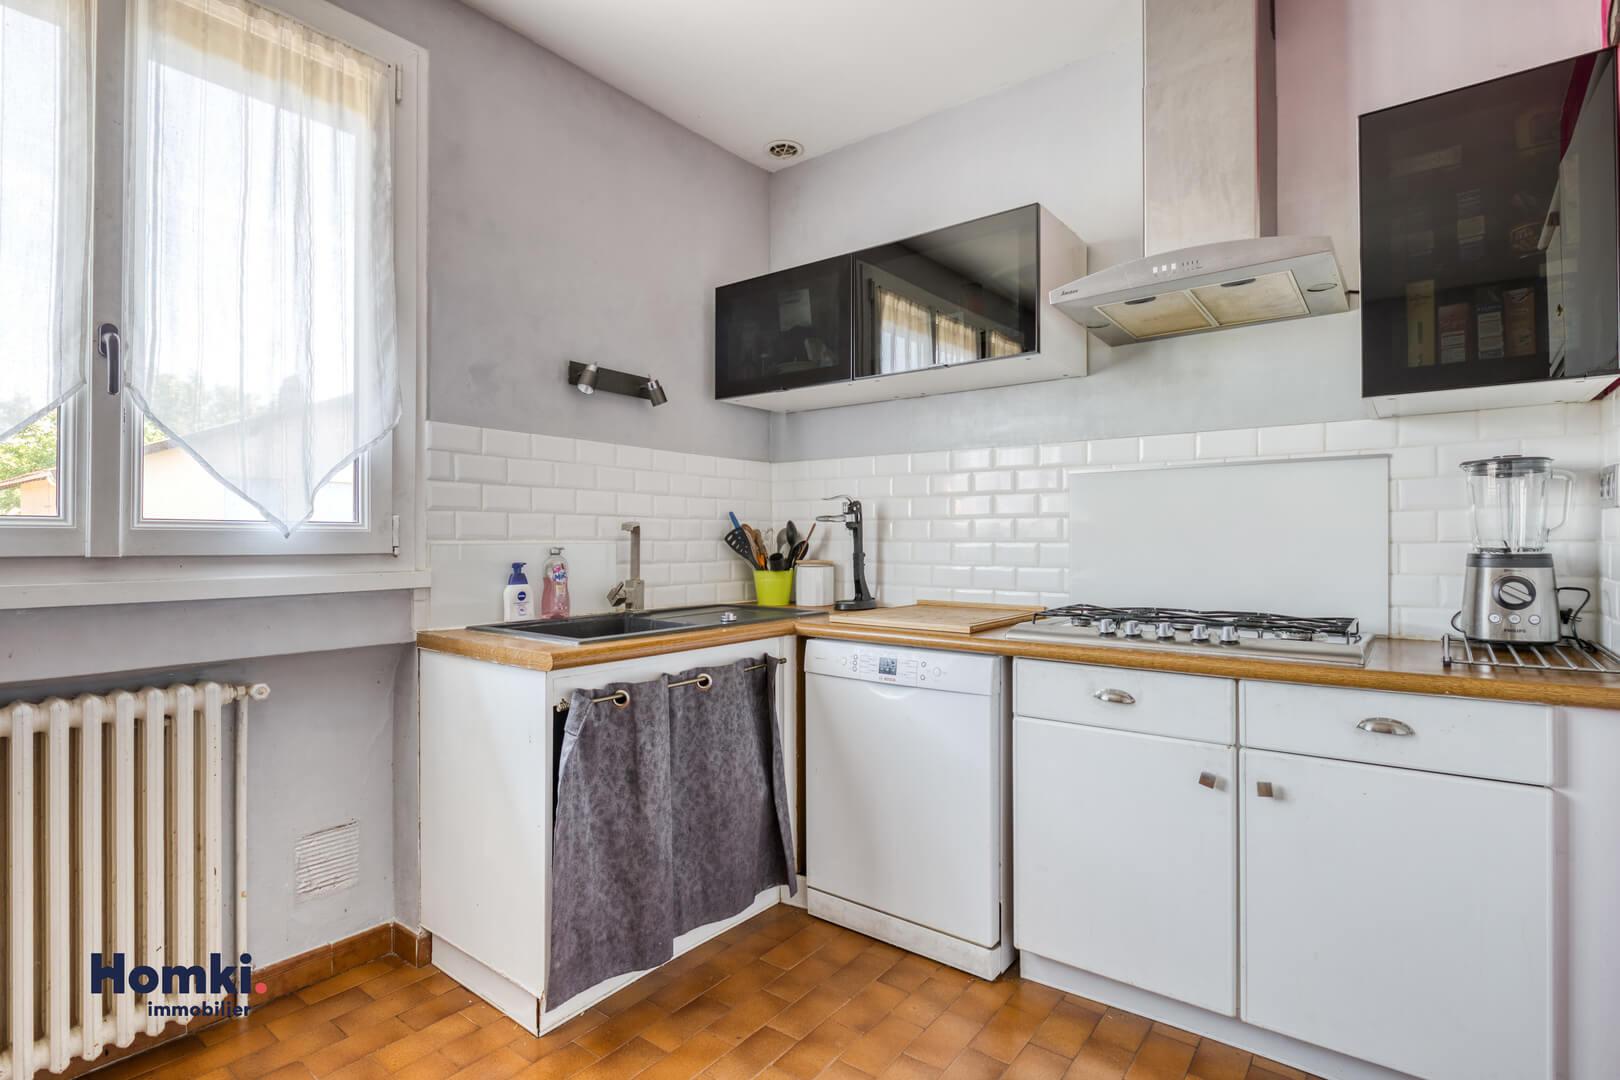 Vente maison 140m² T6 69800_6